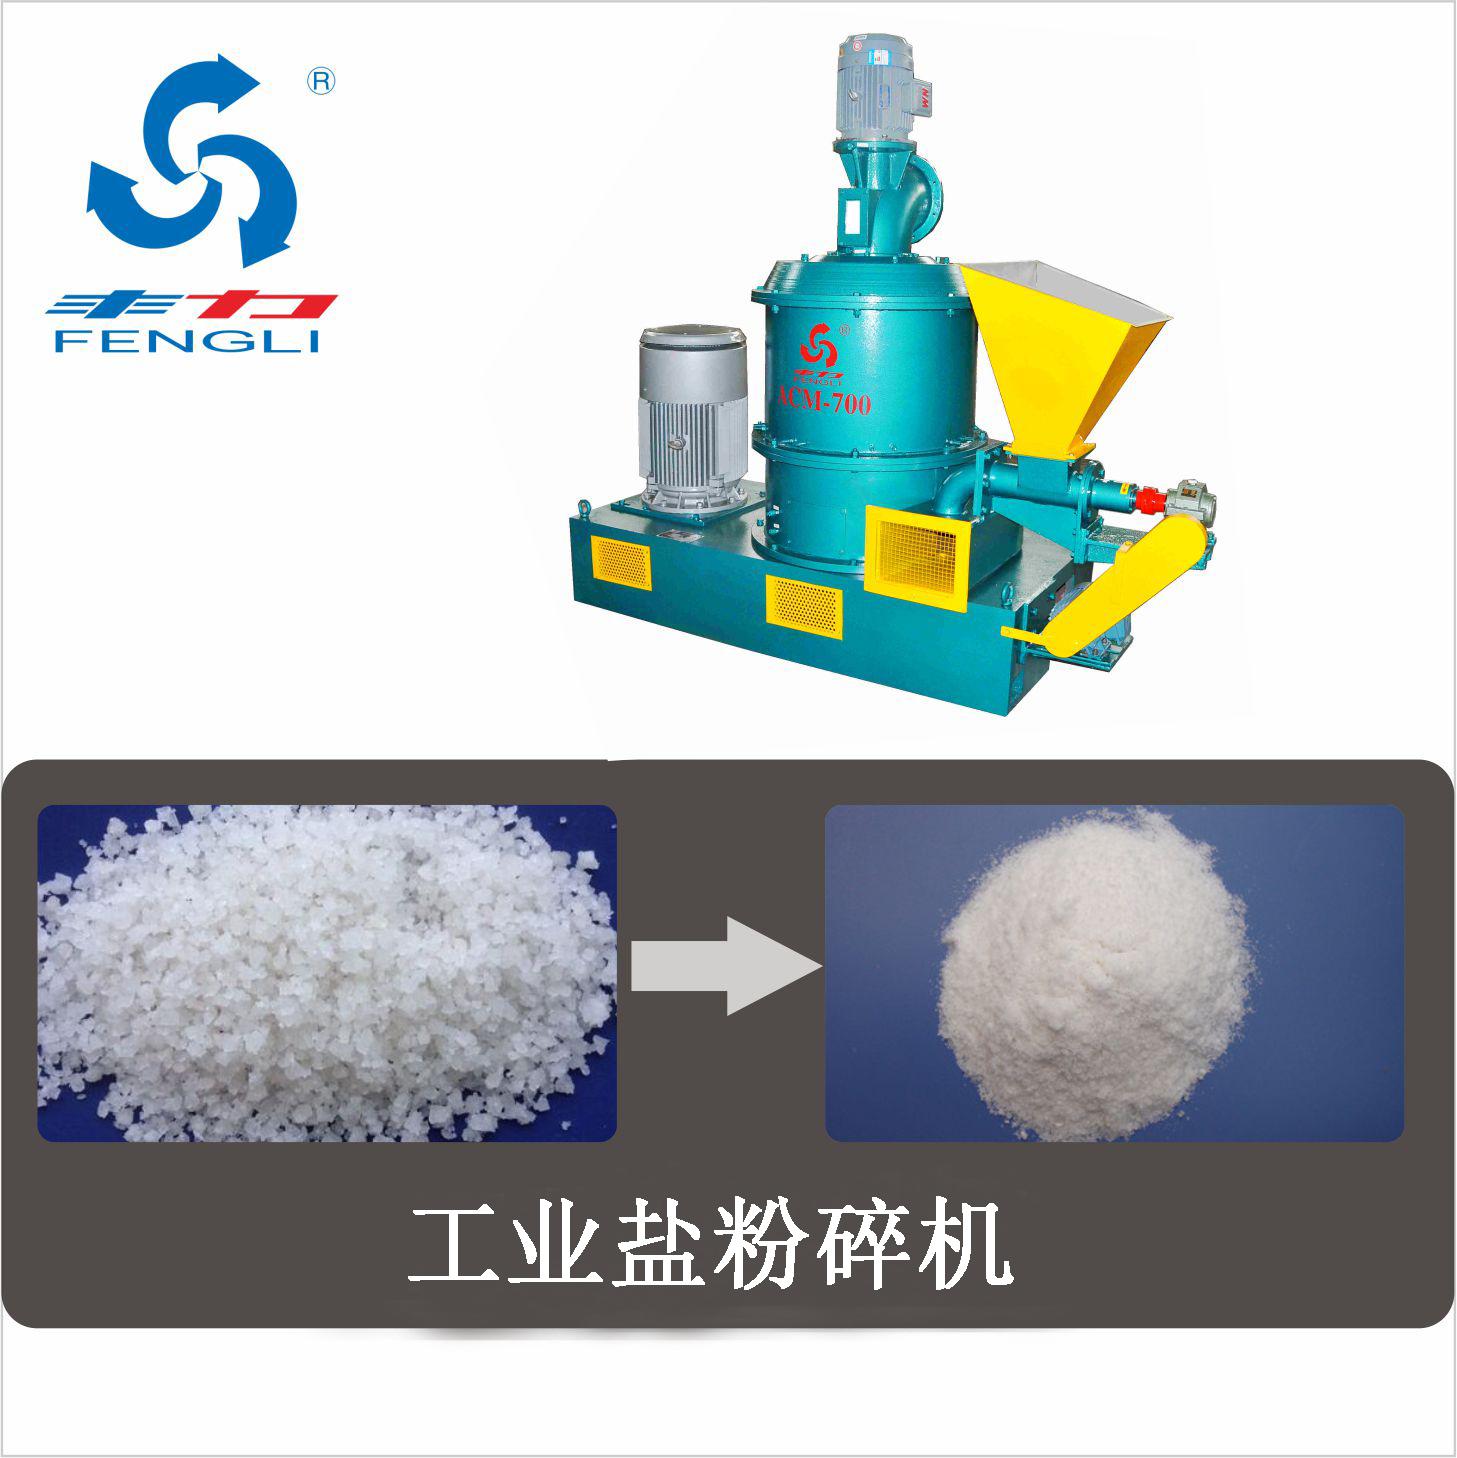 江西紫金工业盐超微粉碎生产线